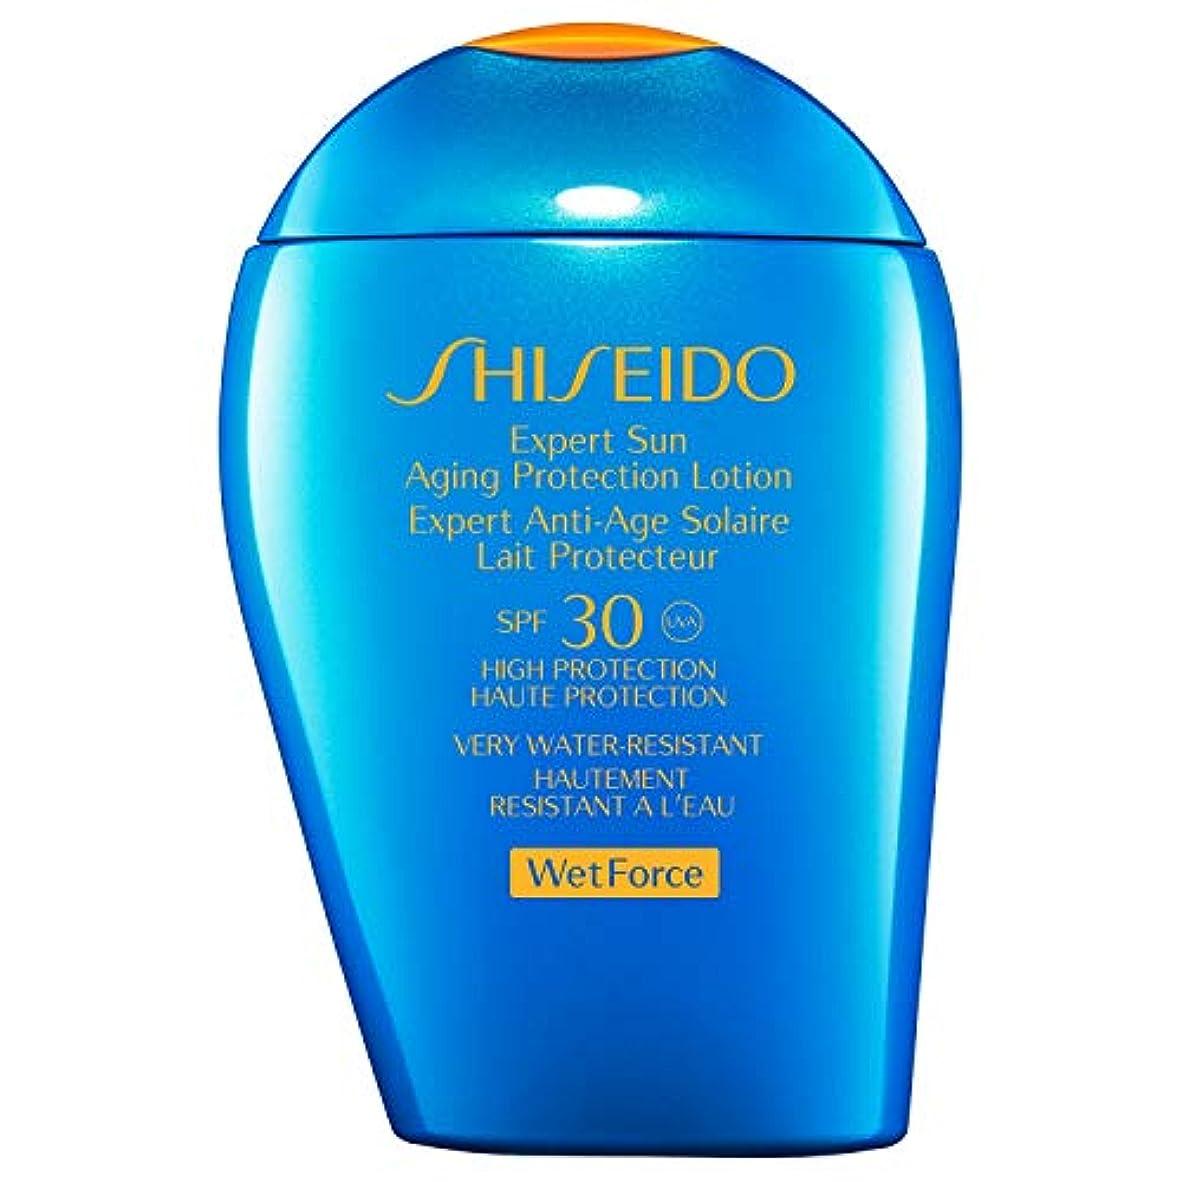 助けてインシュレータ民間[Shiseido] 保護ローションSpf 30 100ミリリットルを老化専門日Wetforce資生堂 - Shiseido Wetforce Expert Sun Aging Protection Lotion Spf...